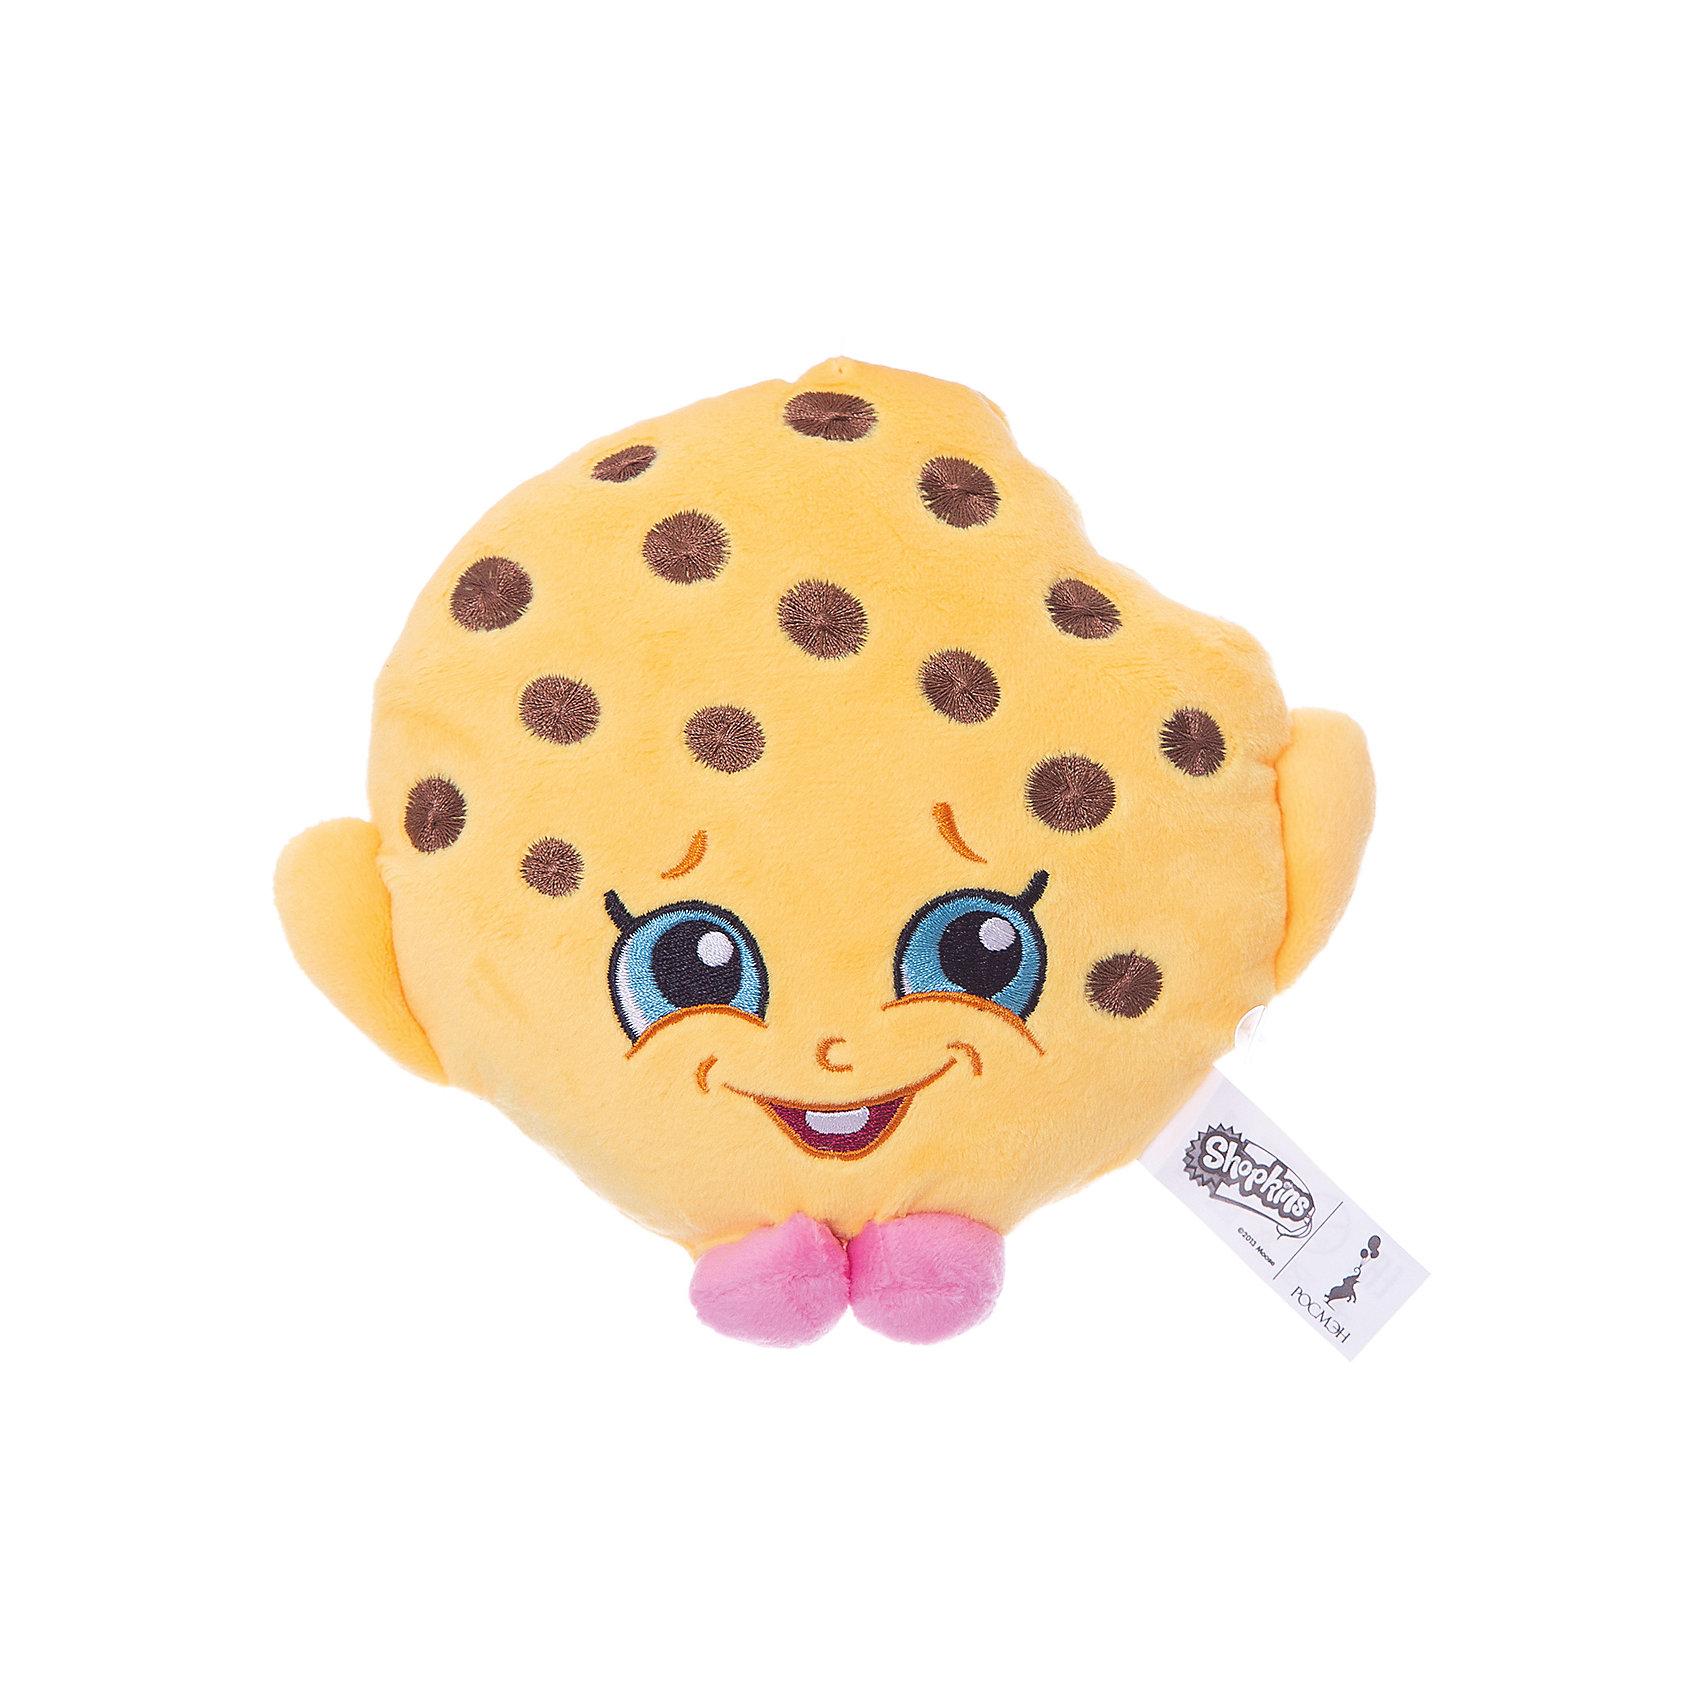 Мягкая игрушка Печенька Куки, 20см, ShopkinsХарактеристики:<br><br>• размер игрушки: 20 см;<br>• материал: плюш;<br>• наполнитель: синтепон;<br>• декоративные элементы: вышивка;<br>• упаковка: ПВХ-пакет.<br><br>Плюшевая коллекционная игрушка Шопкинс создана по мотивам мультсериала для детей. Улыбчивая Печенька Куки оформлена в соответствии с героиней Shopkins, личико - вышивка-аппликация, тельце мягконабивное, игрушка приятная на ощупь. В процессе игры развивается воображение, речь, тактильное восприятие.<br><br>Мягкую игрушку Печенька Куки, 20см, Shopkins можно купить в нашем магазине.<br><br>Ширина мм: 180<br>Глубина мм: 160<br>Высота мм: 50<br>Вес г: 60<br>Возраст от месяцев: 36<br>Возраст до месяцев: 2147483647<br>Пол: Женский<br>Возраст: Детский<br>SKU: 5247682